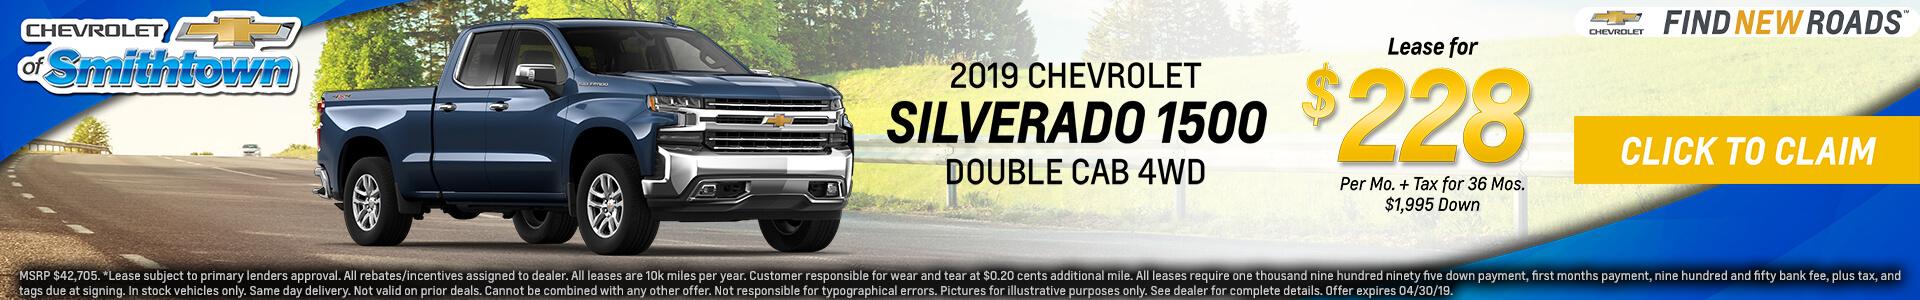 Chevrolet Silverado $228 Lease